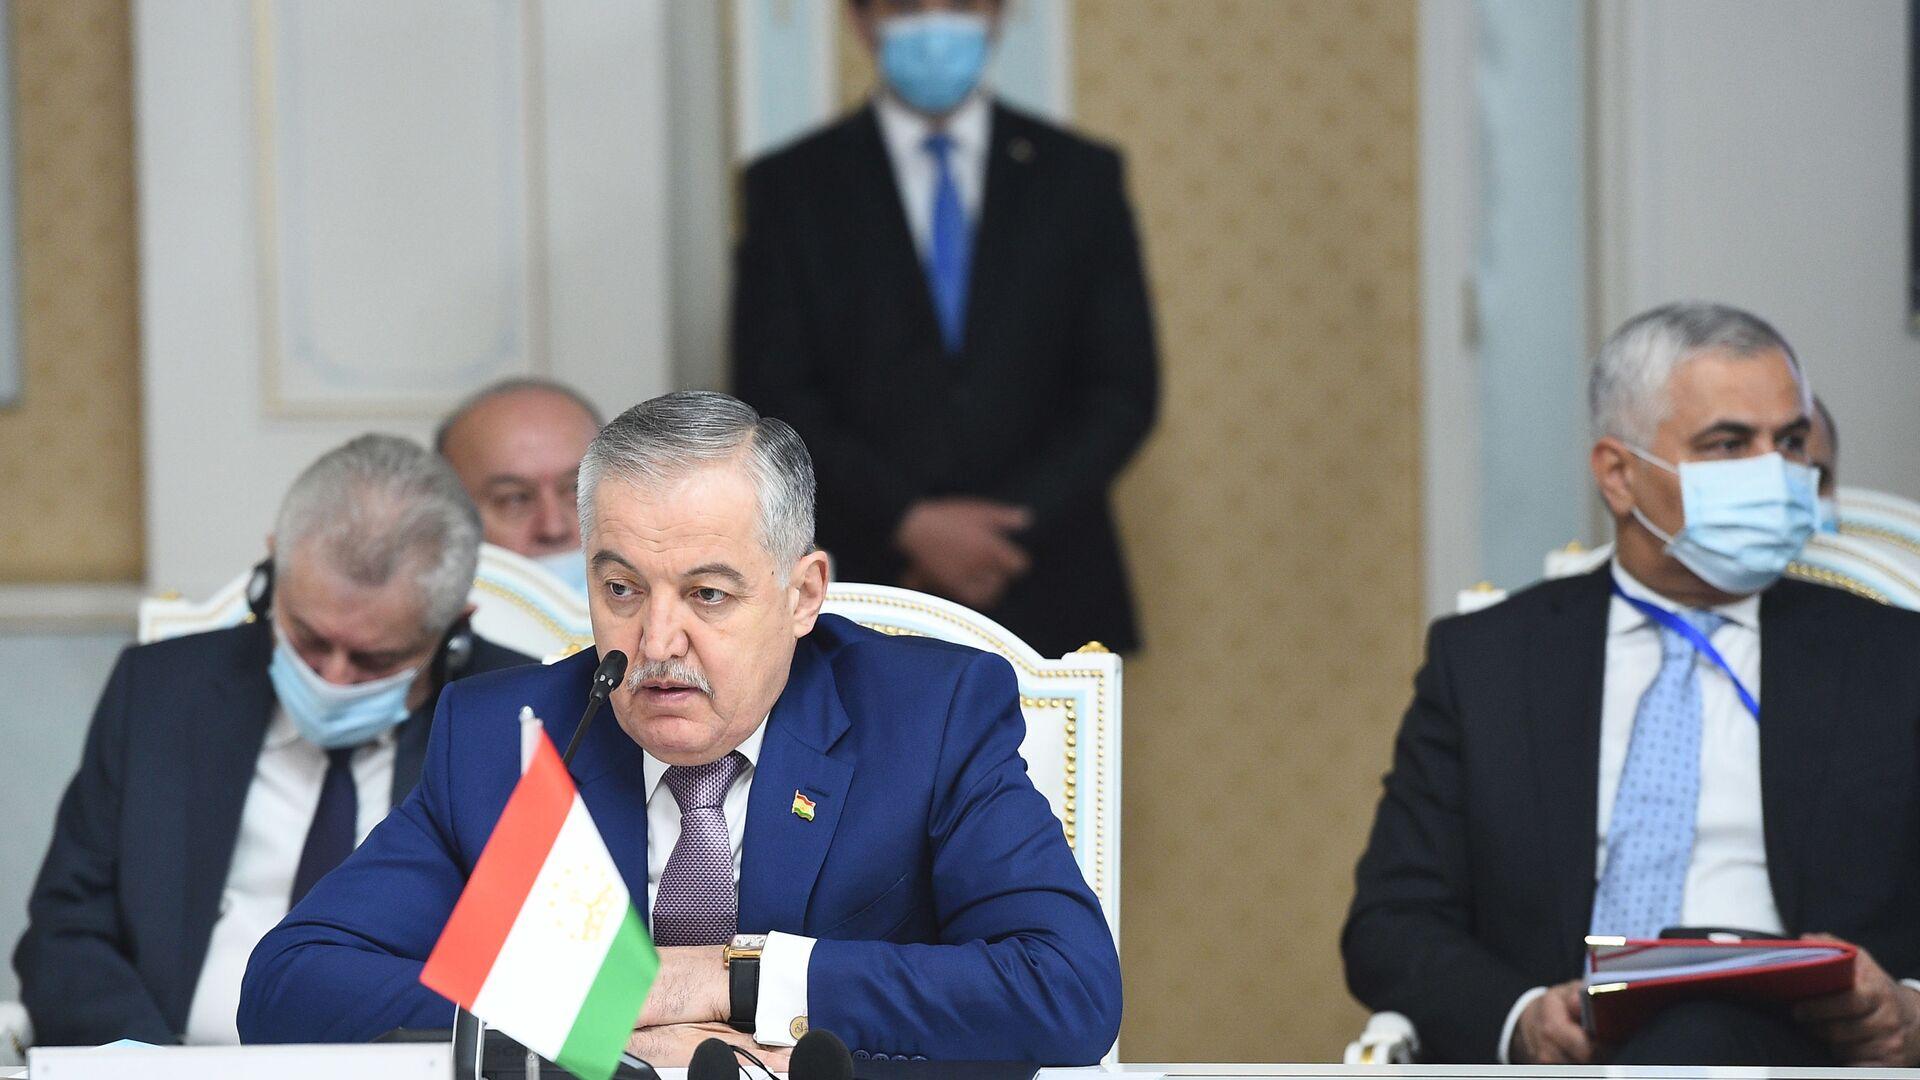 Министр иностранных дел Таджикистана Сироджиддин Мухриддин - Sputnik Таджикистан, 1920, 03.09.2021